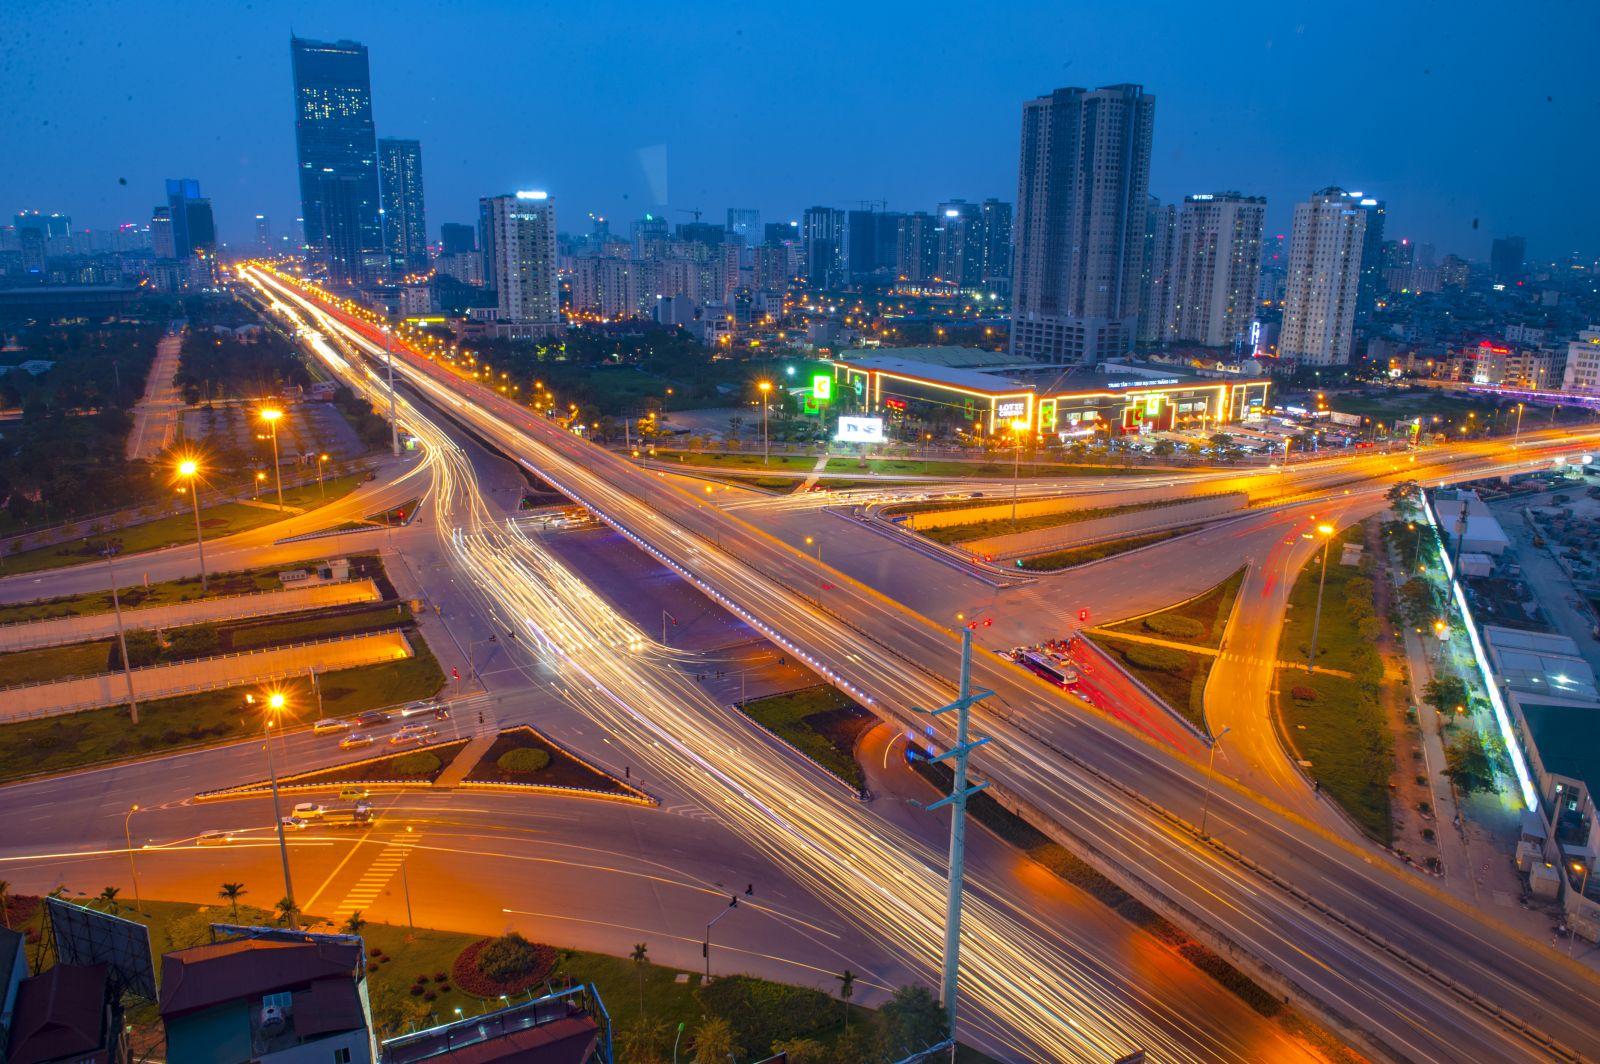 Đường vanh đai 3 cũng hiện lên lung linh với những nút giao thông lớn cùng nhiều tòa nhà cao tầng mọc hai bên